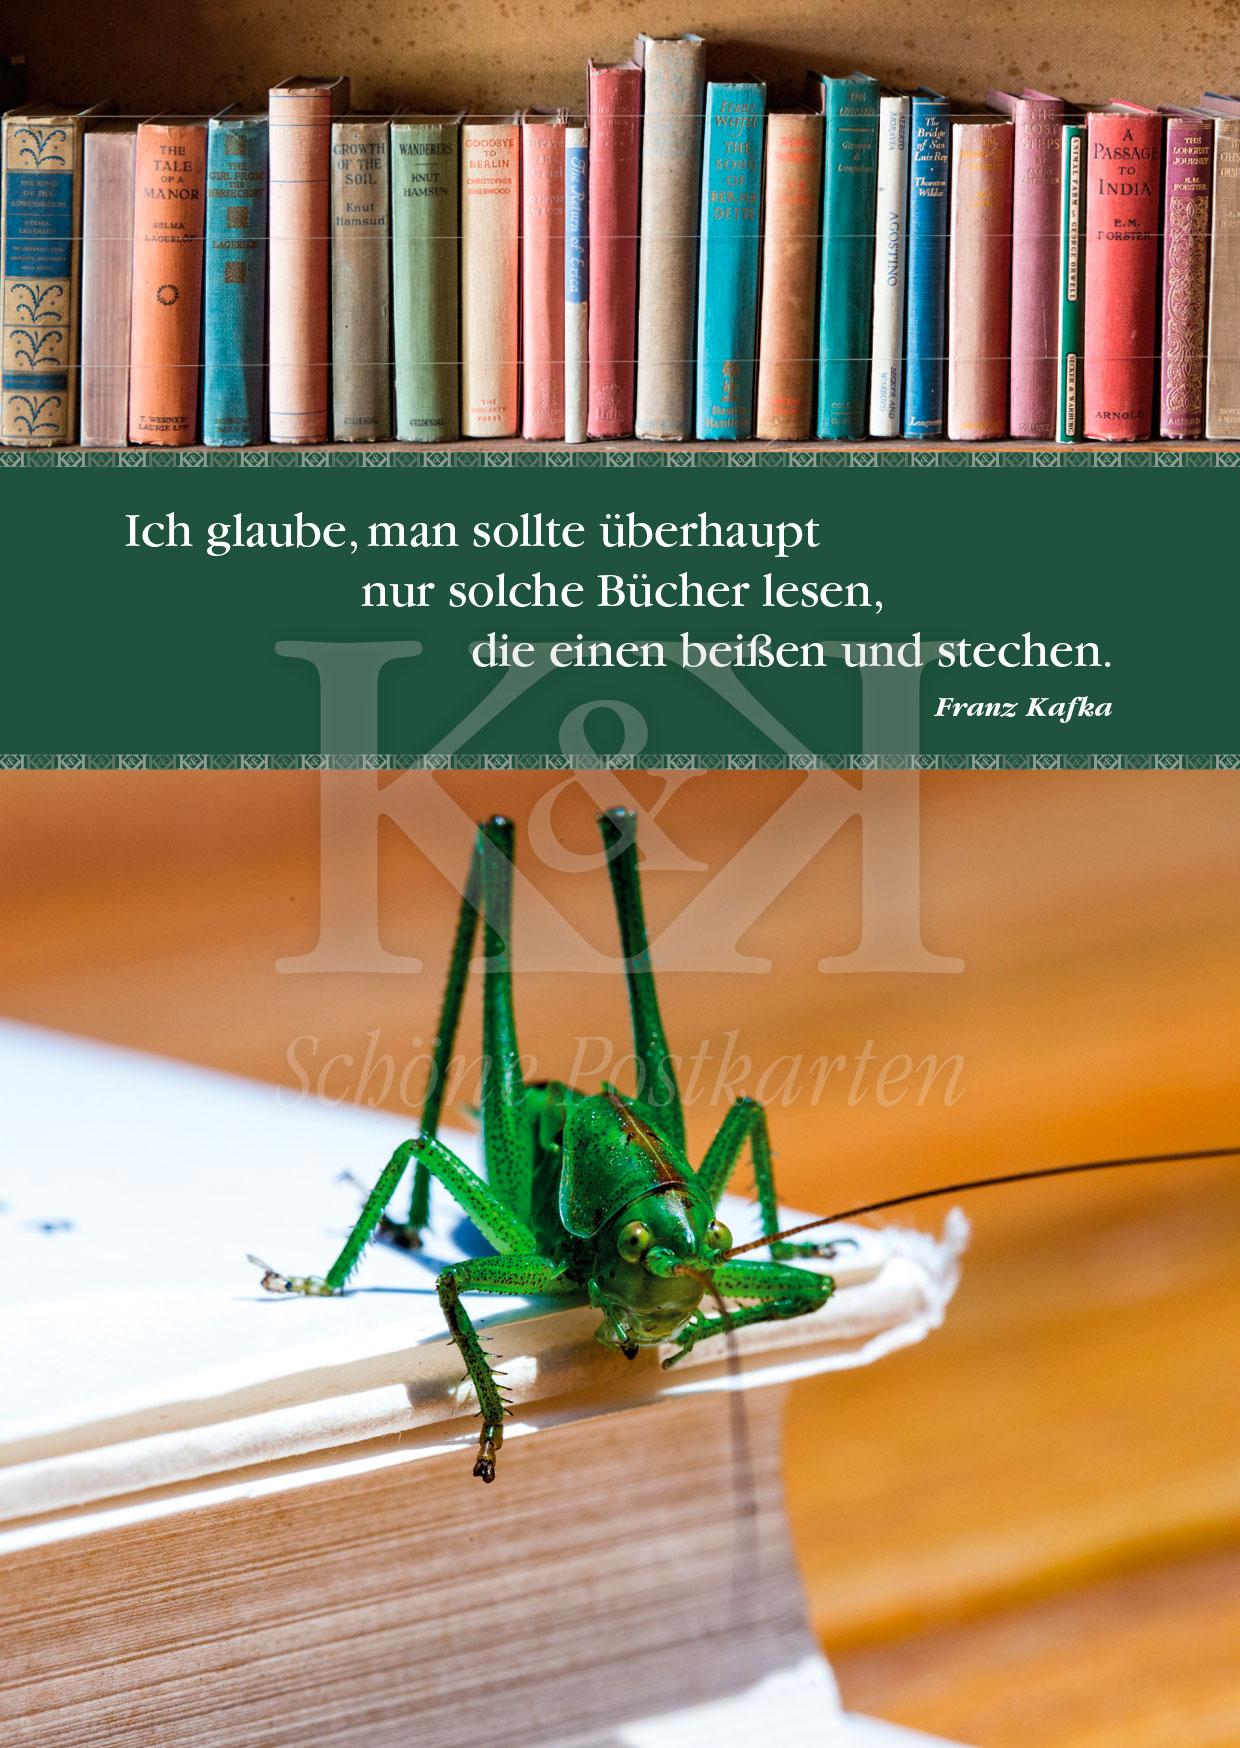 <strong>Schöne Postkarte Nr. 20</strong> · Kafka: Bücher, die beißen und stechen © 2018